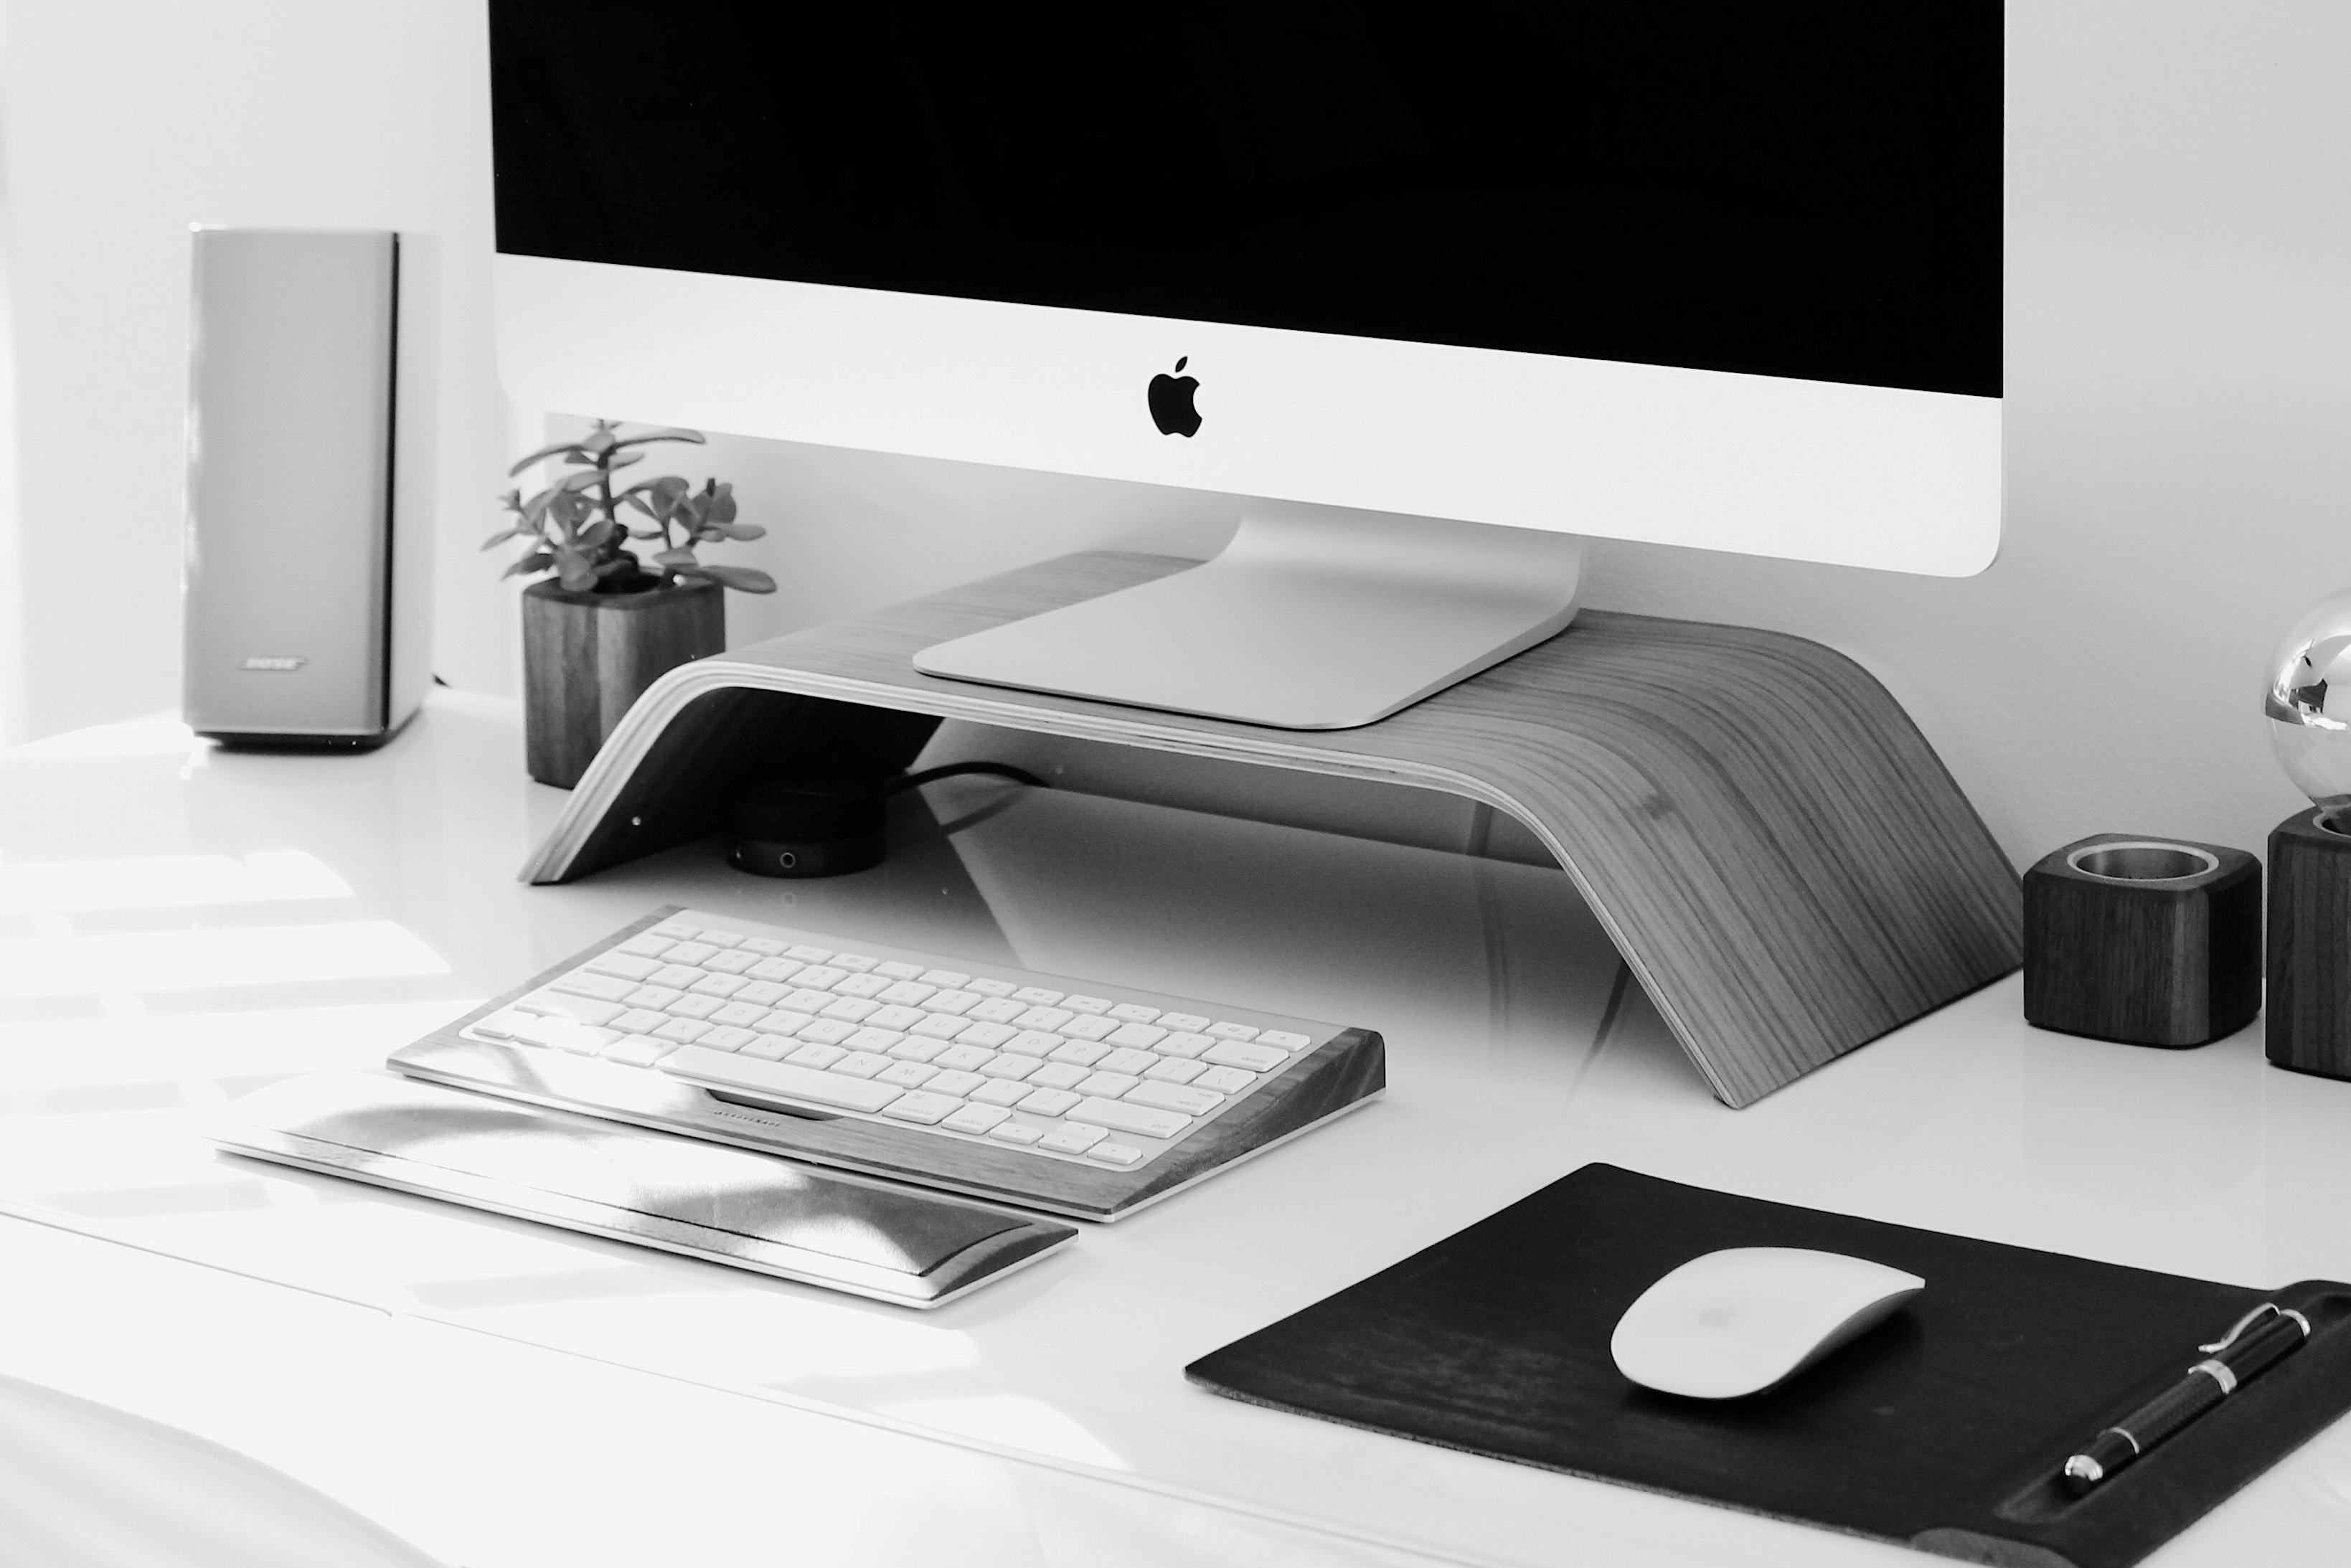 Beispielarbeitsplatz, in dem eine Clean Desk Policy umgesetzt wird